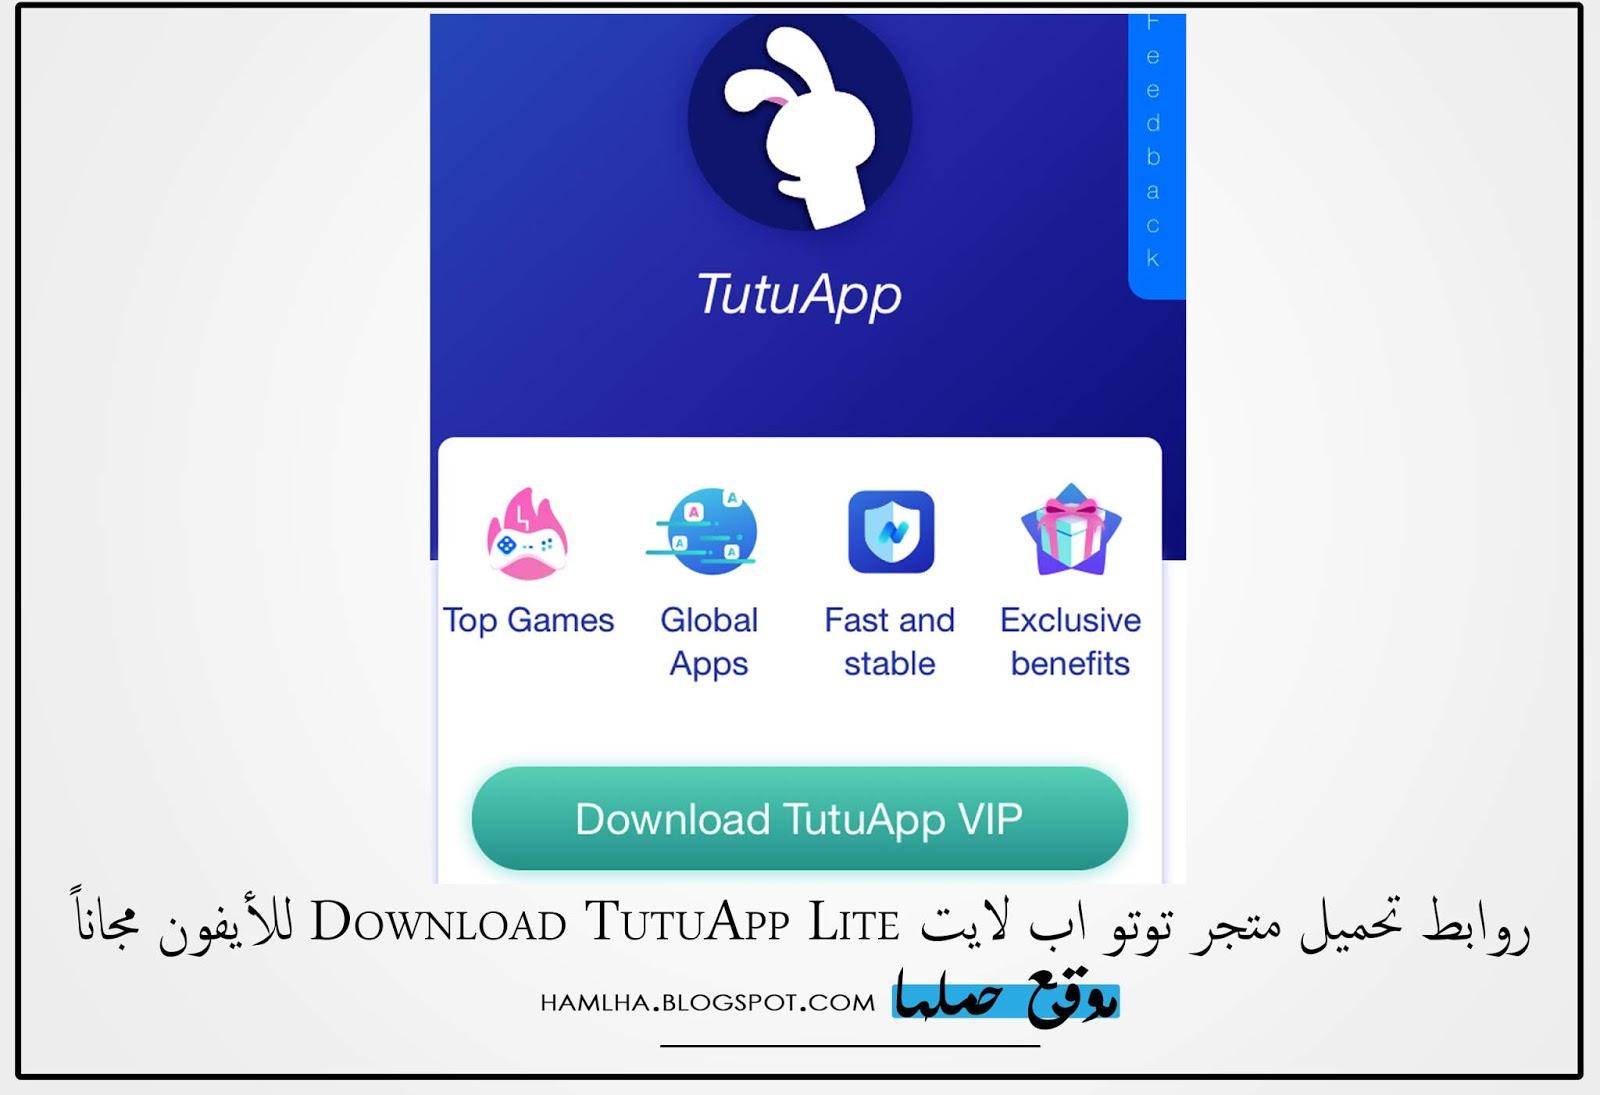 تحميل متجر توتو اب لايت Download TutuApp Lite 2020 للأيفون ...